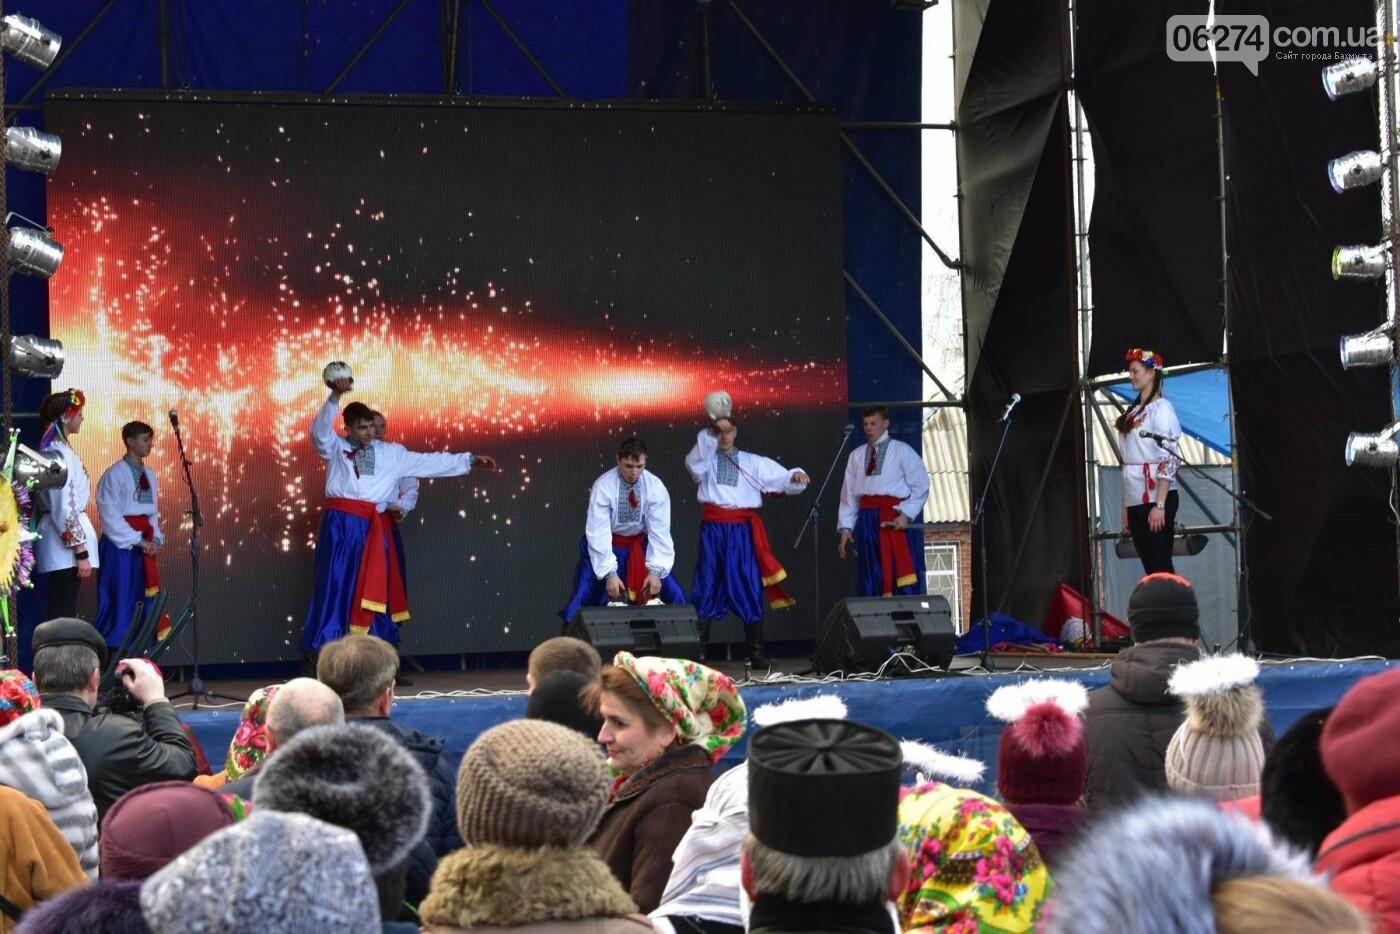 Бахмутские коллективы приняли участие в фестивале вертепов «Рождественский перезвон», фото-28